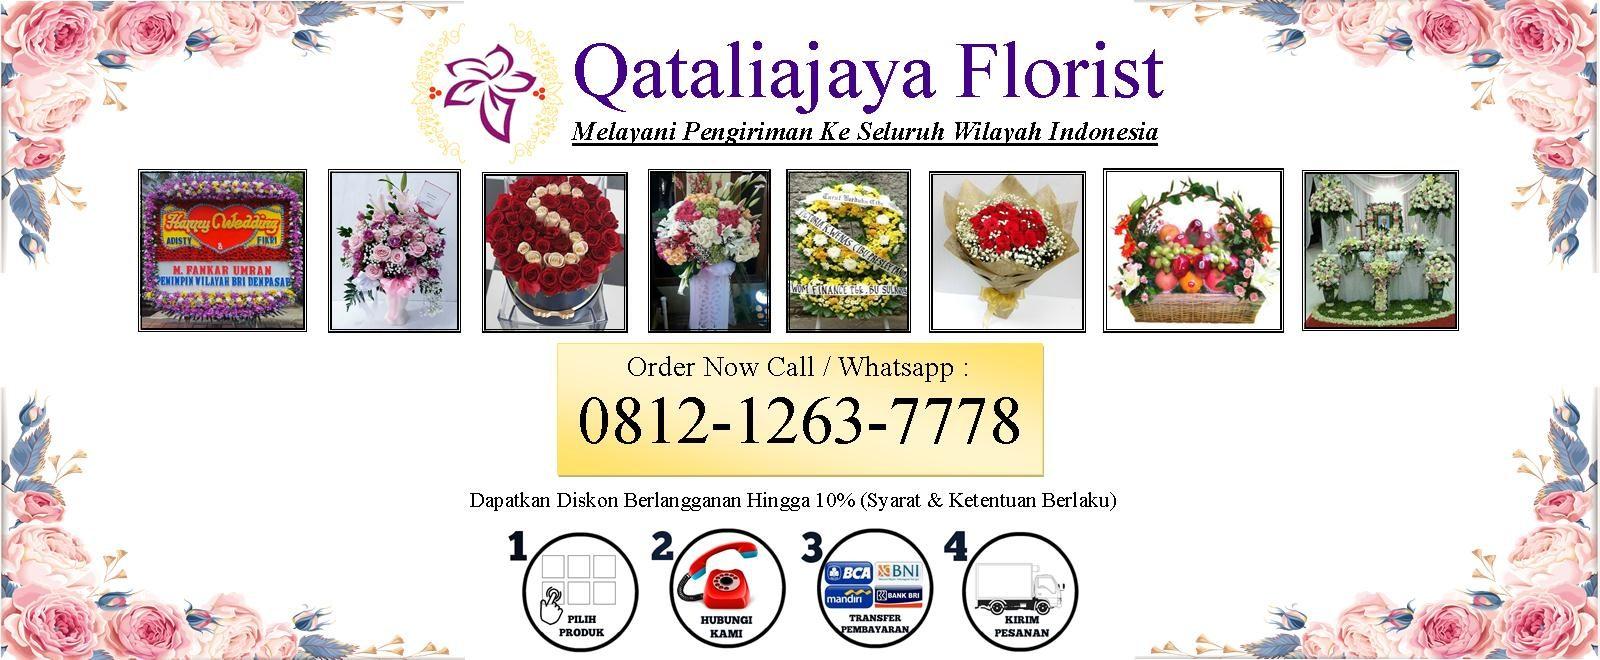 Qatalia Jaya Florist